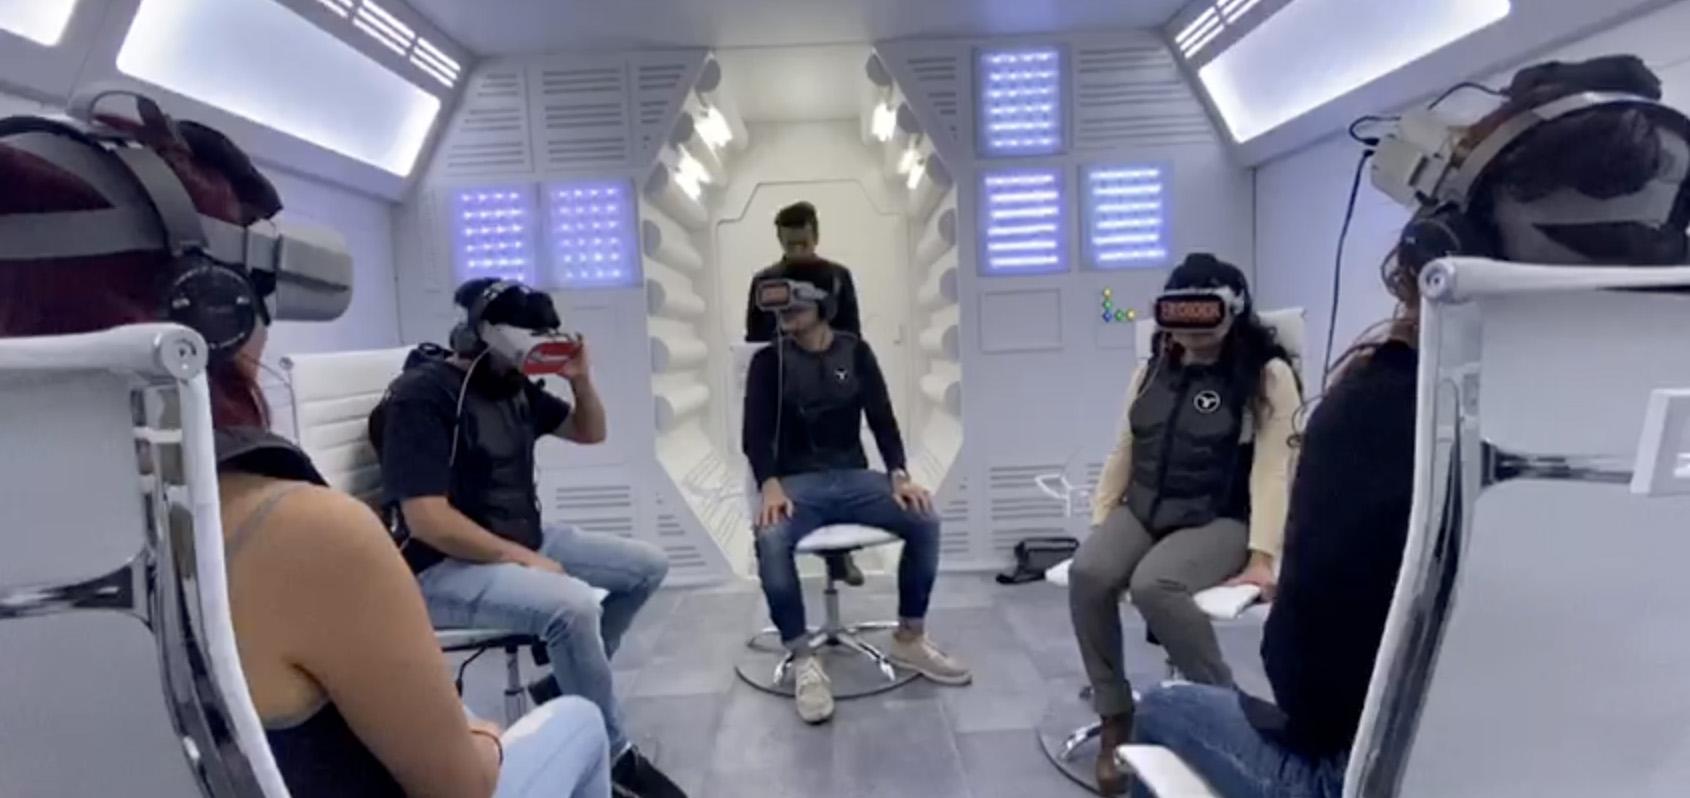 ¡La exposición de 'Alien' de H. R. Giger llega al metro de la CDMX!